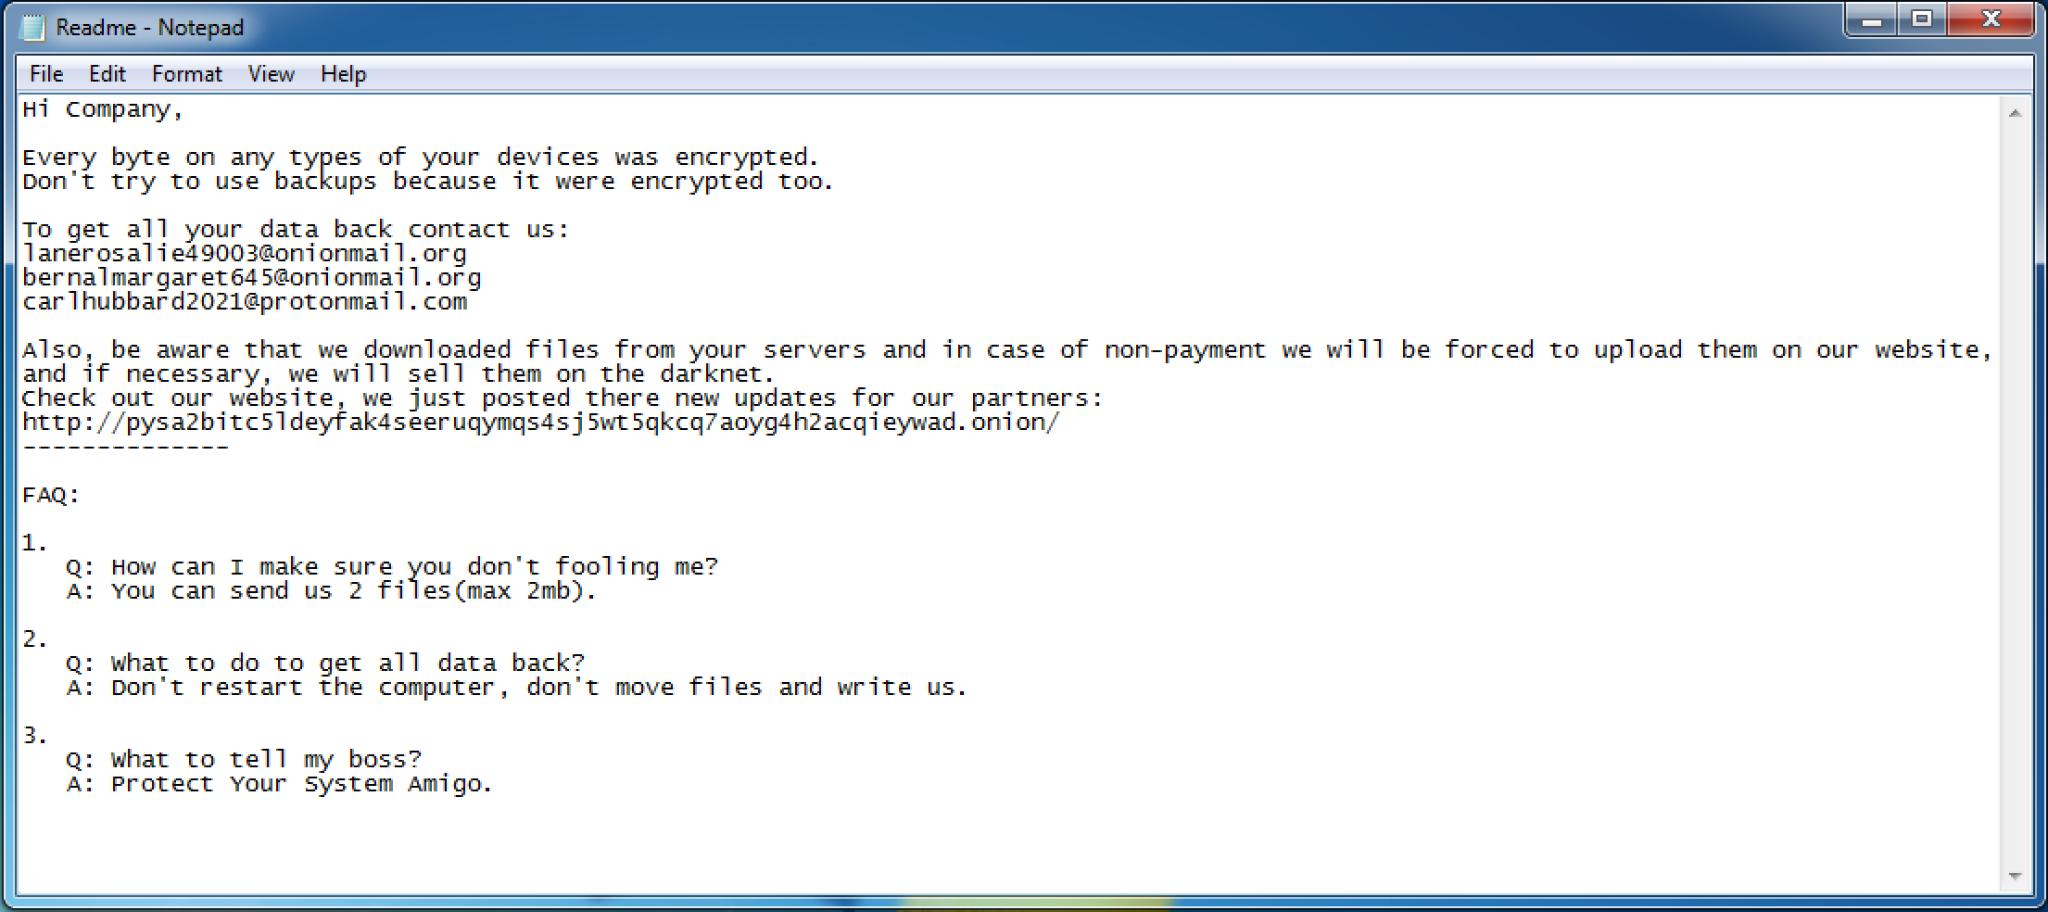 A screenshot of a note from the Mespinoza ransomware gang.